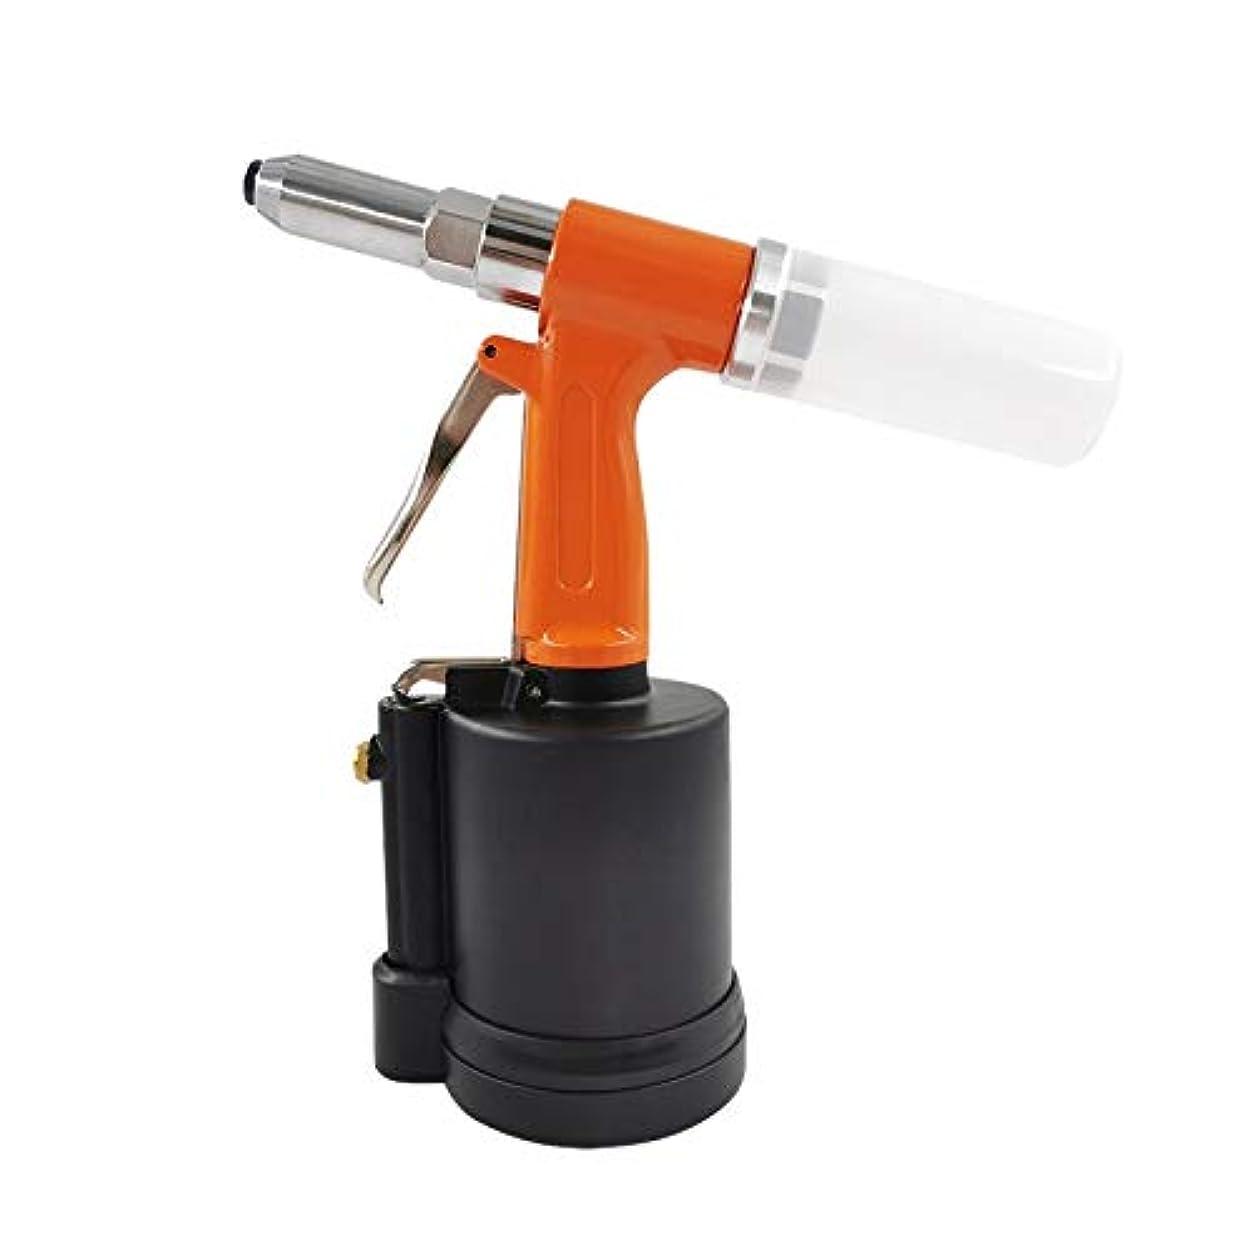 アウター大きさ倍増エア工具 垂直リベットガン、装飾ネイルガン空気圧ツール工業用グレードハンドツール 空気圧ツール (Color : Orange)